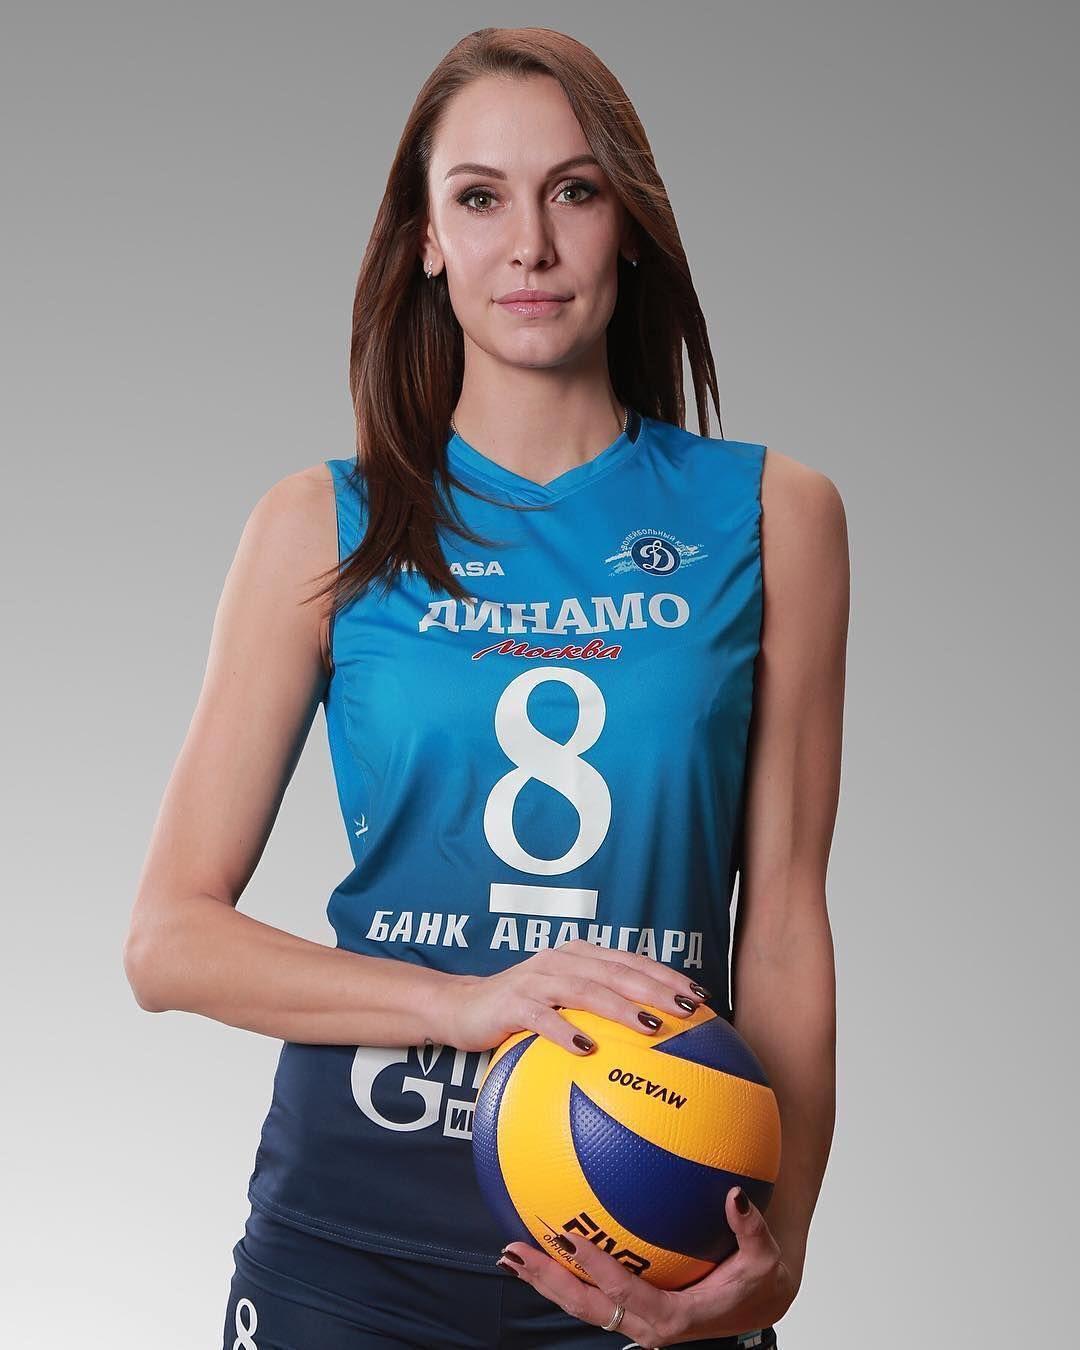 Nataliya Goncharova Natusi4ka8 Volleyball Volley Volleyballislife Volleyballmatch Voleibol Vo Volleyball Sport Volleyball Volleyball Team